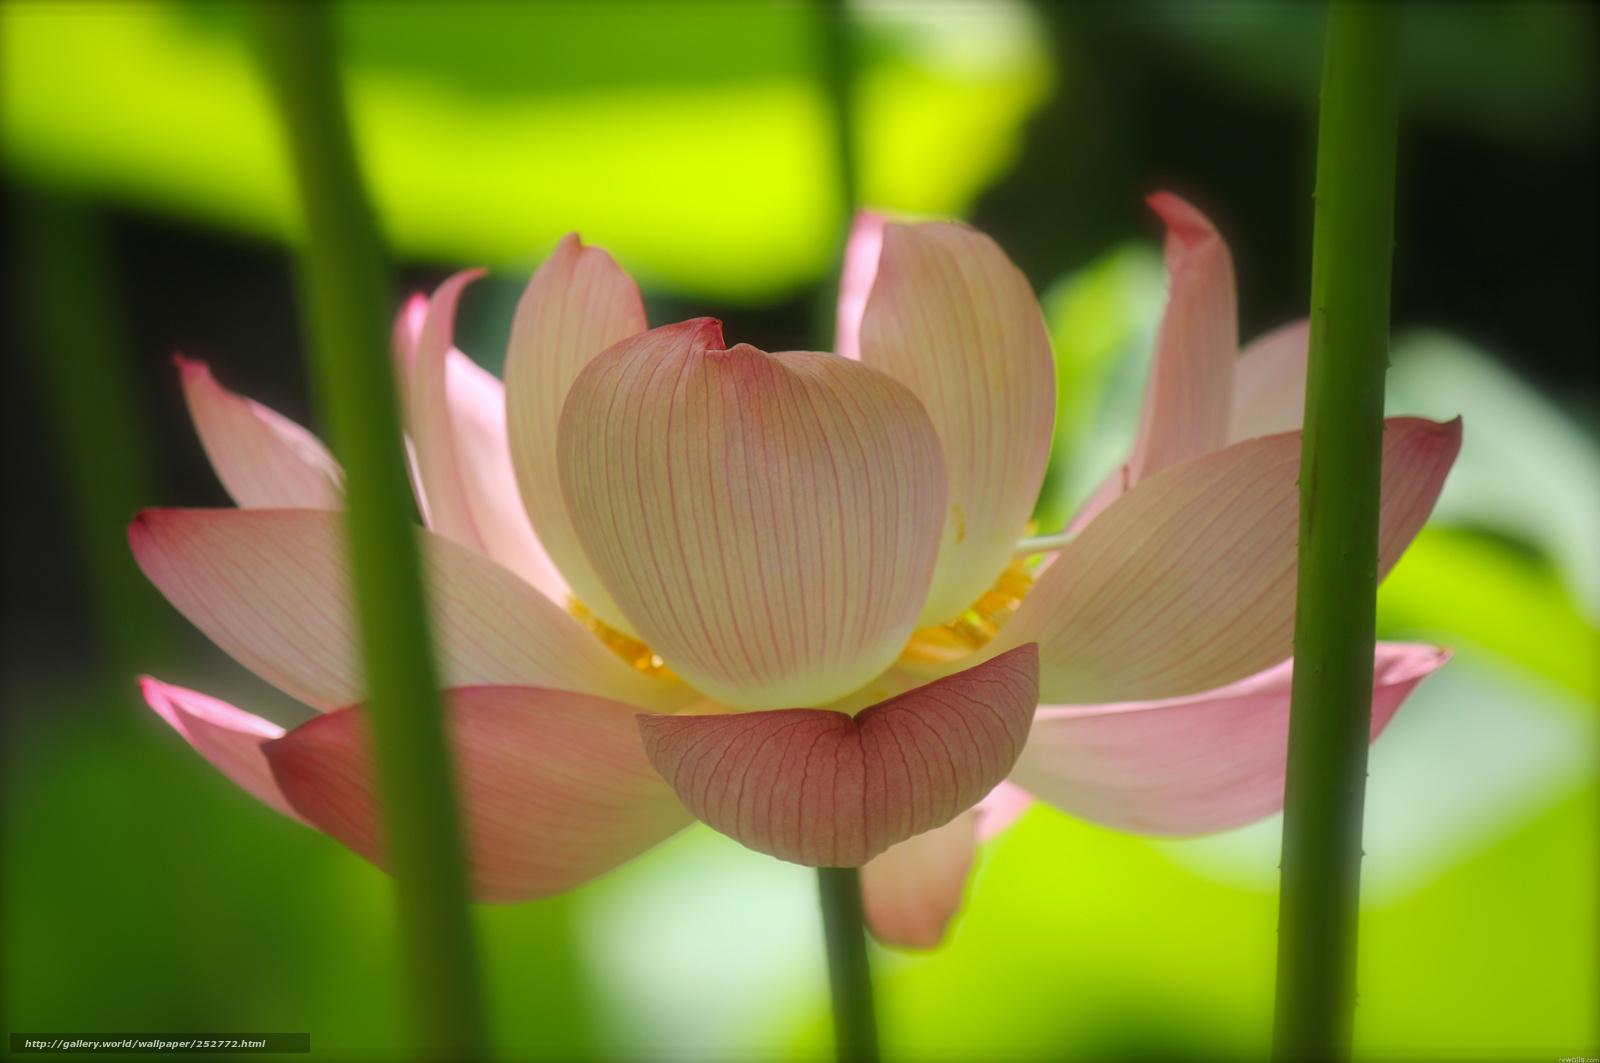 壁紙をダウンロード 蓮 ピンク 花 茎 デスクトップの解像度のための無料壁紙 4288x2848 絵 №